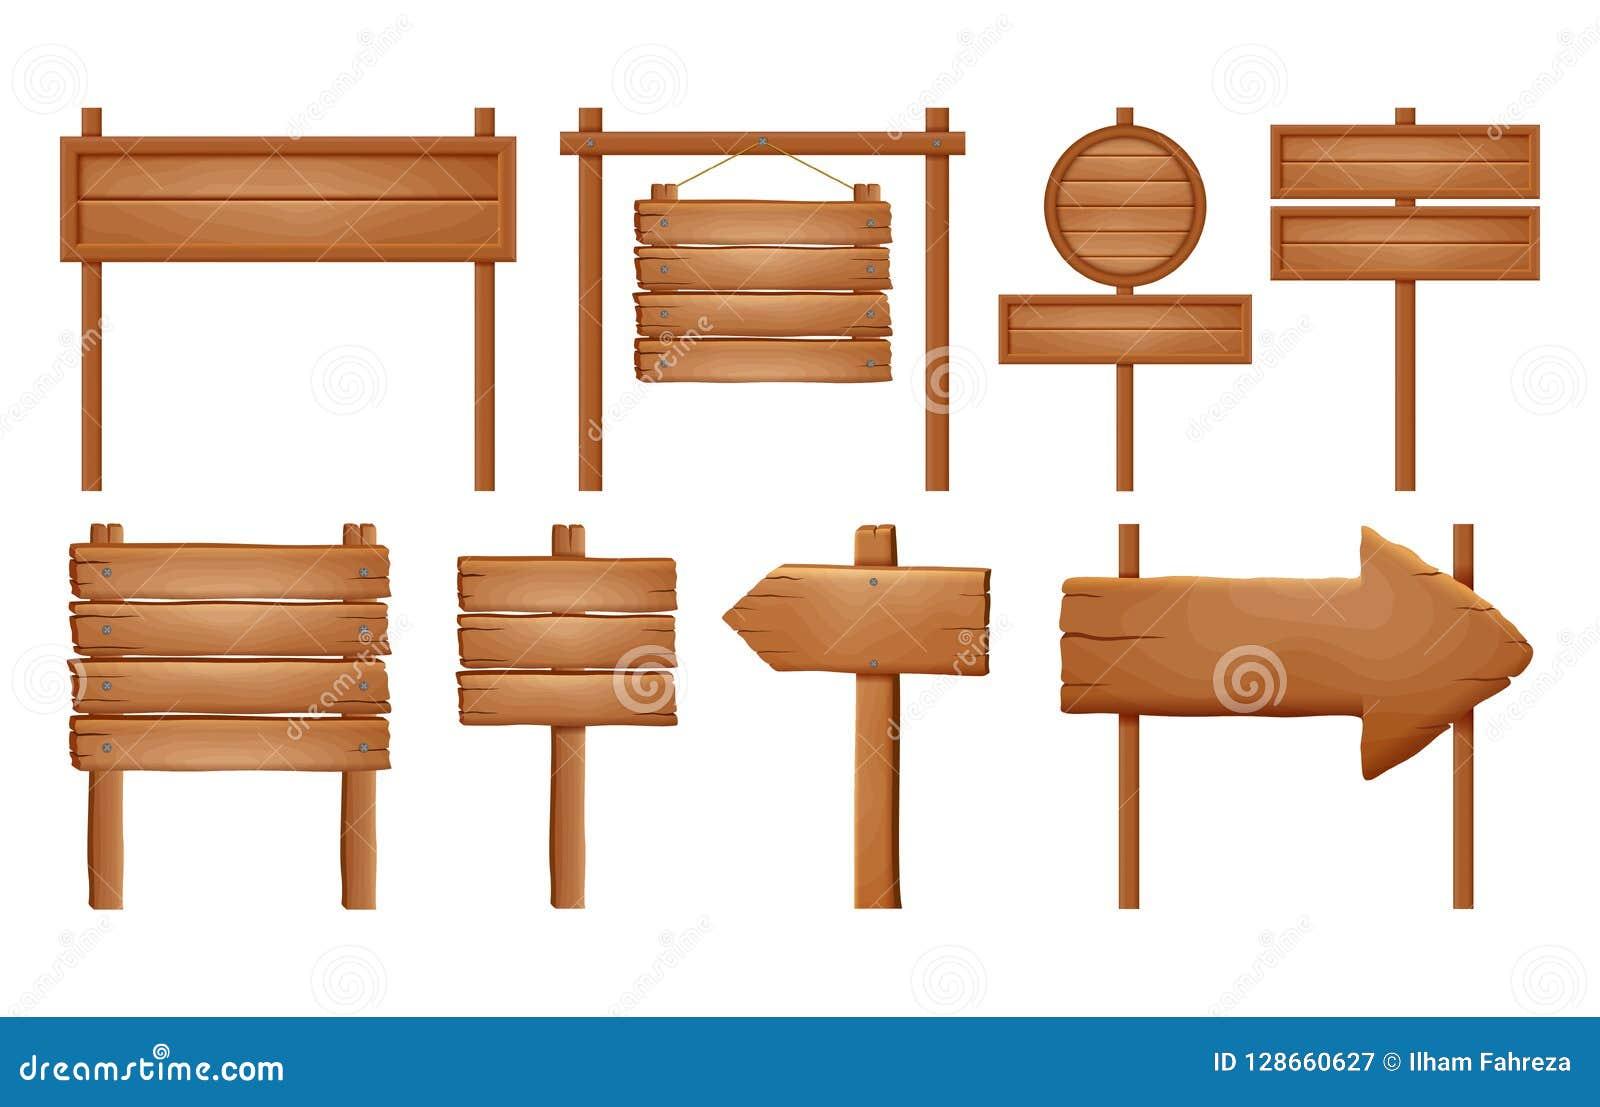 Letreros de madera, sistema de madera de la muestra de la flecha Colección vacía de la bandera del letrero aislada en el fondo bl